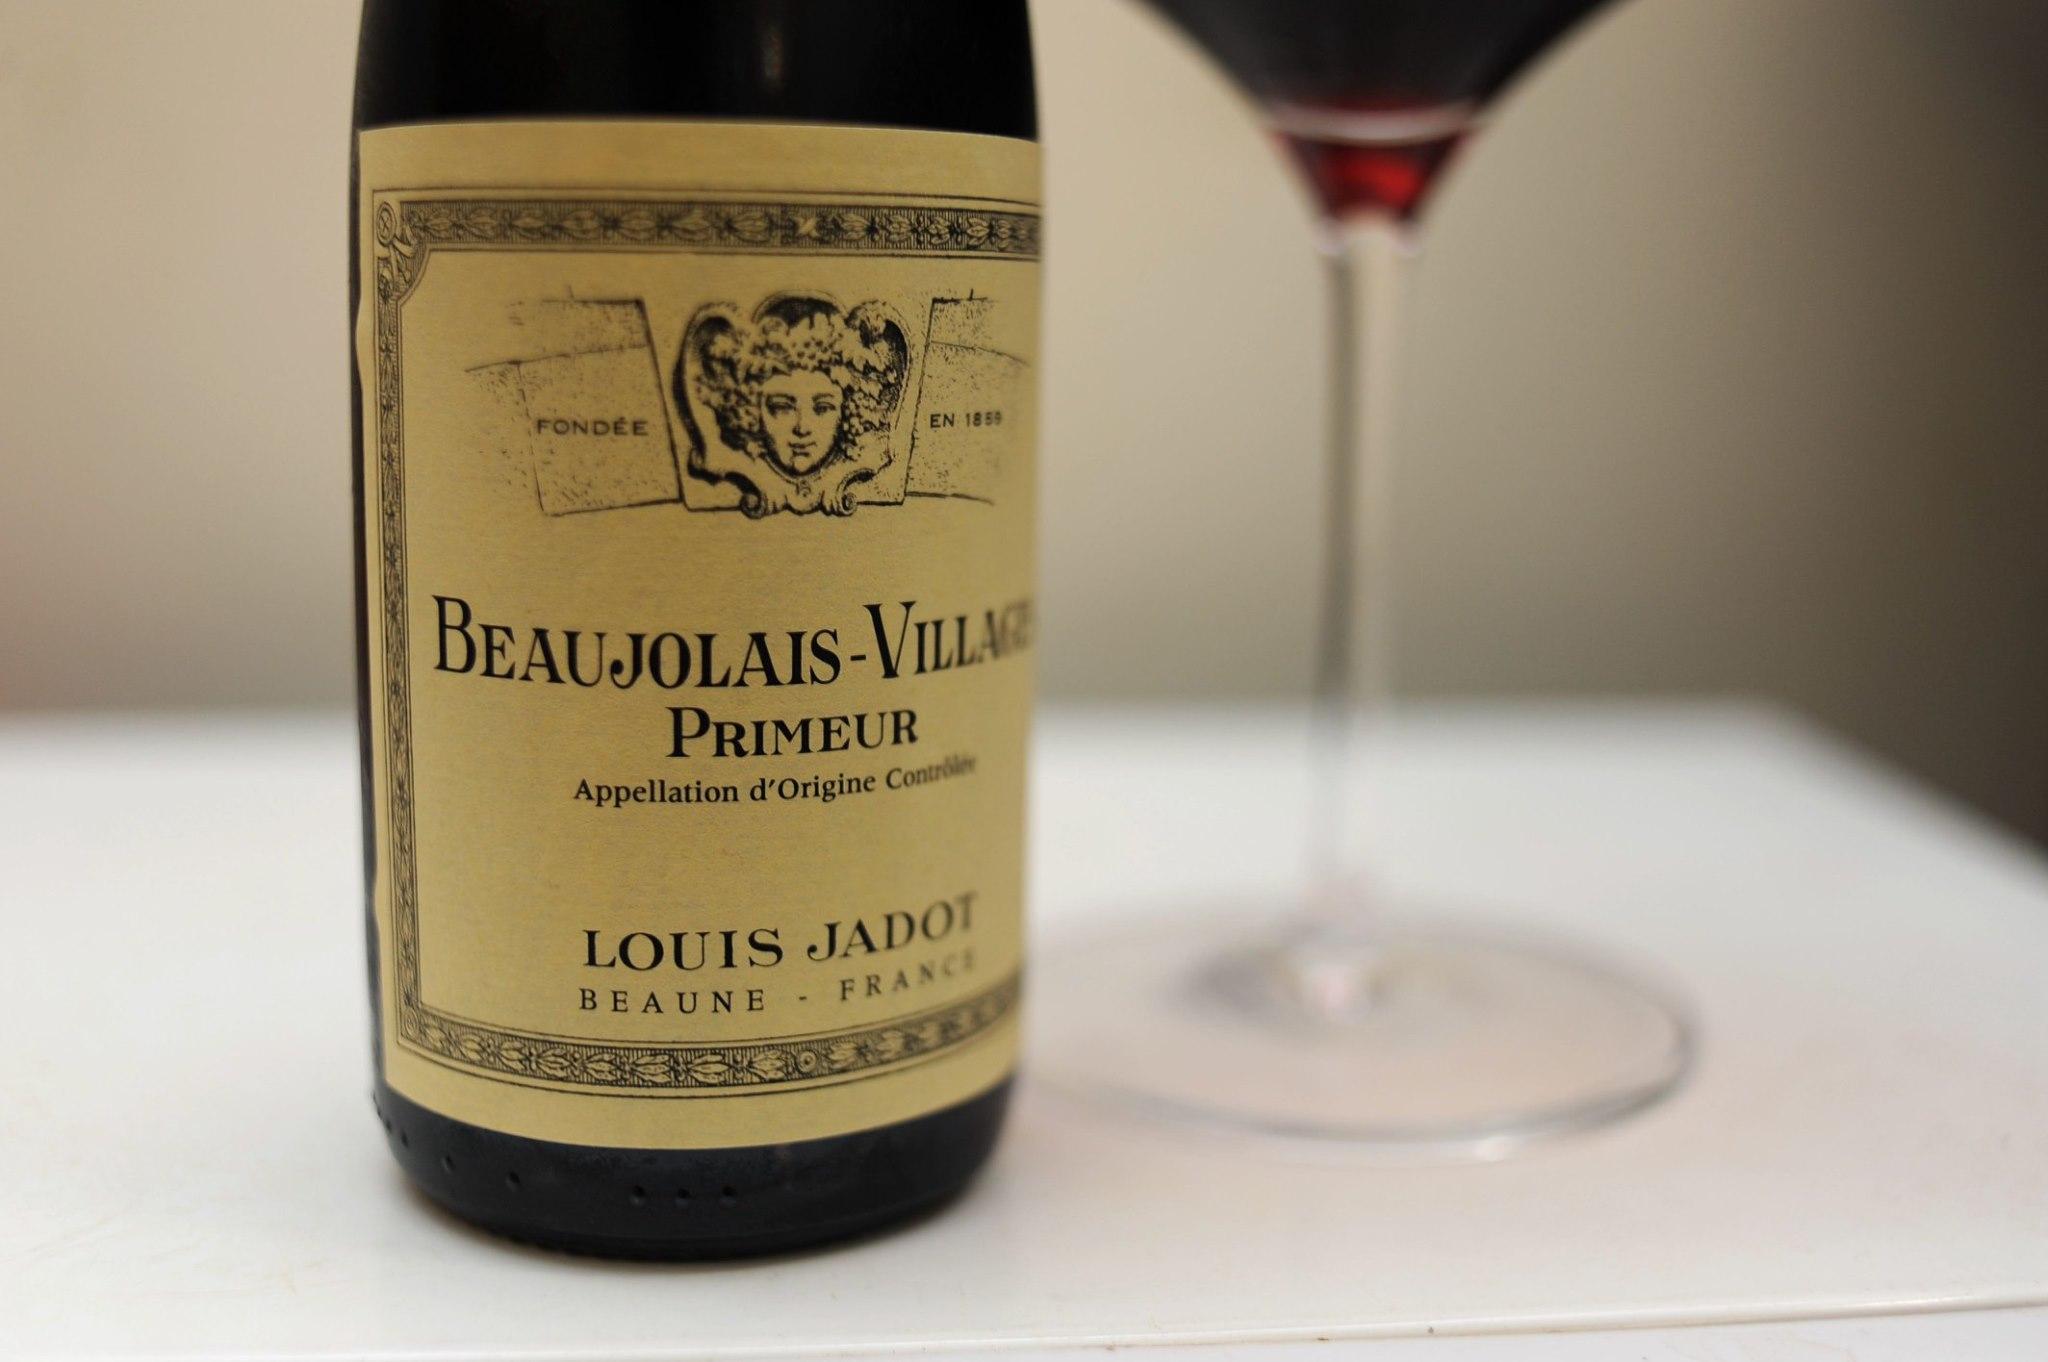 Beaujolais-Villages Primeur 2019